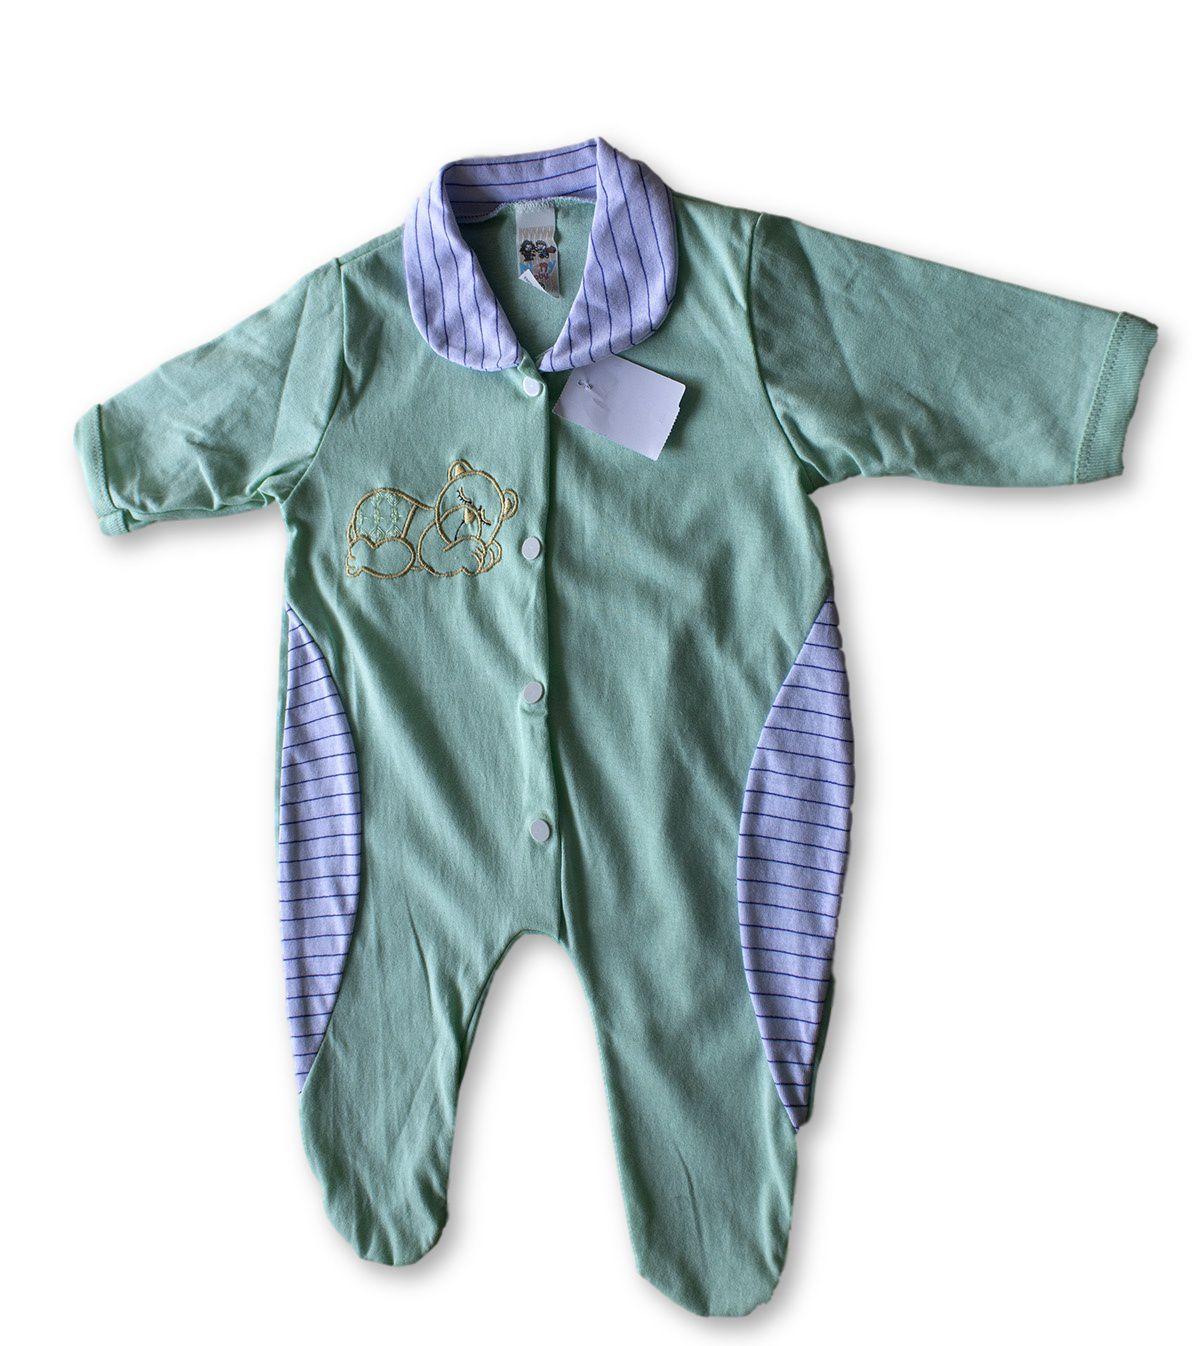 Macacão Bebe Recém Nascido Masculino Bordado Cod 9112